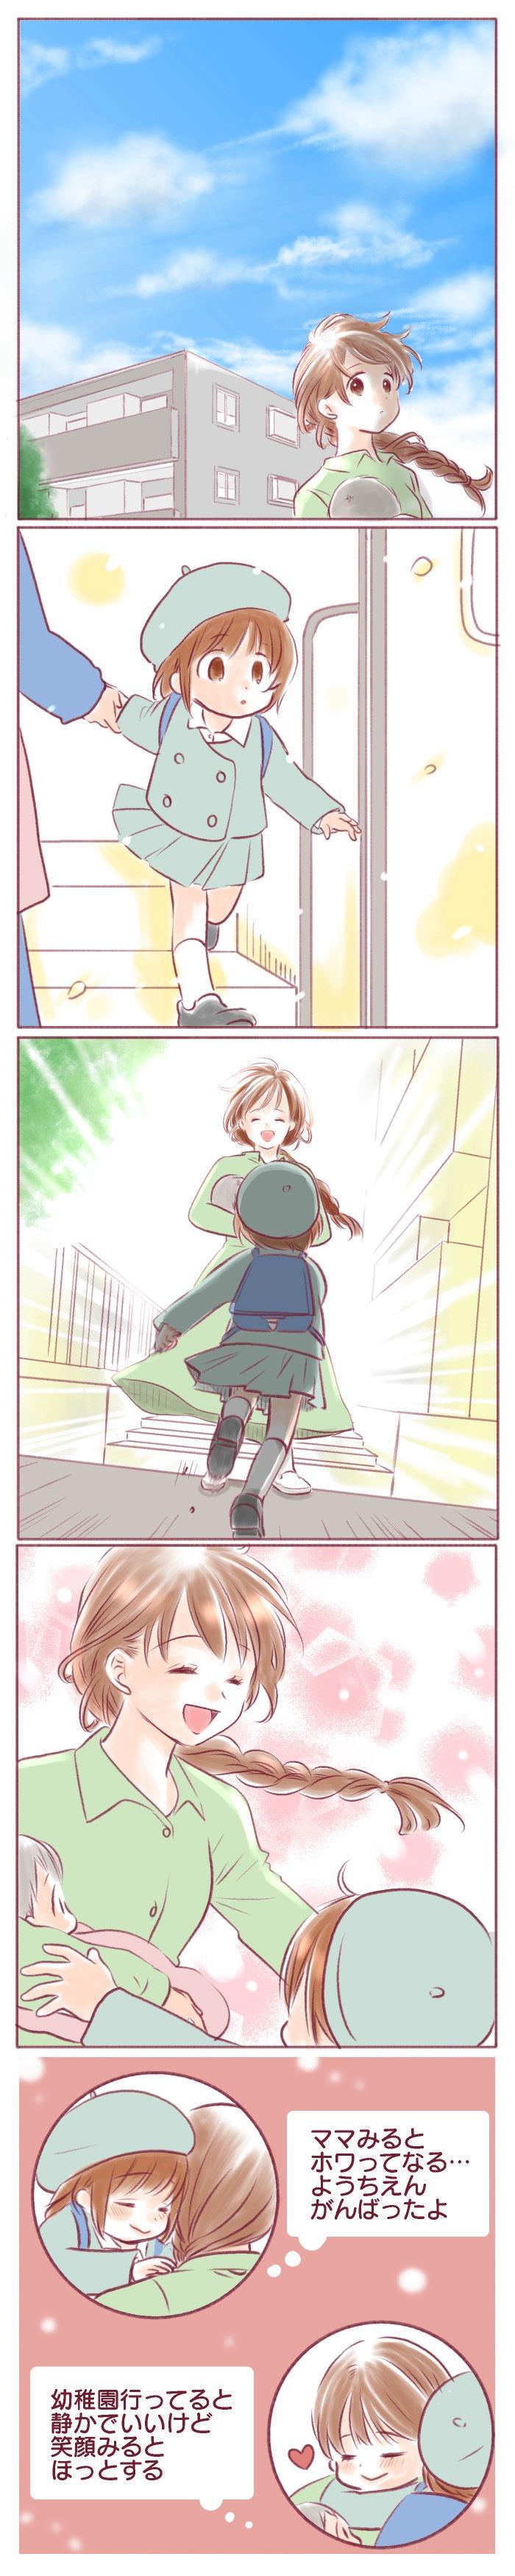 ママ、ただいま〜!園バスから降りる時、いつだってその笑顔に抱きつきたいの画像1